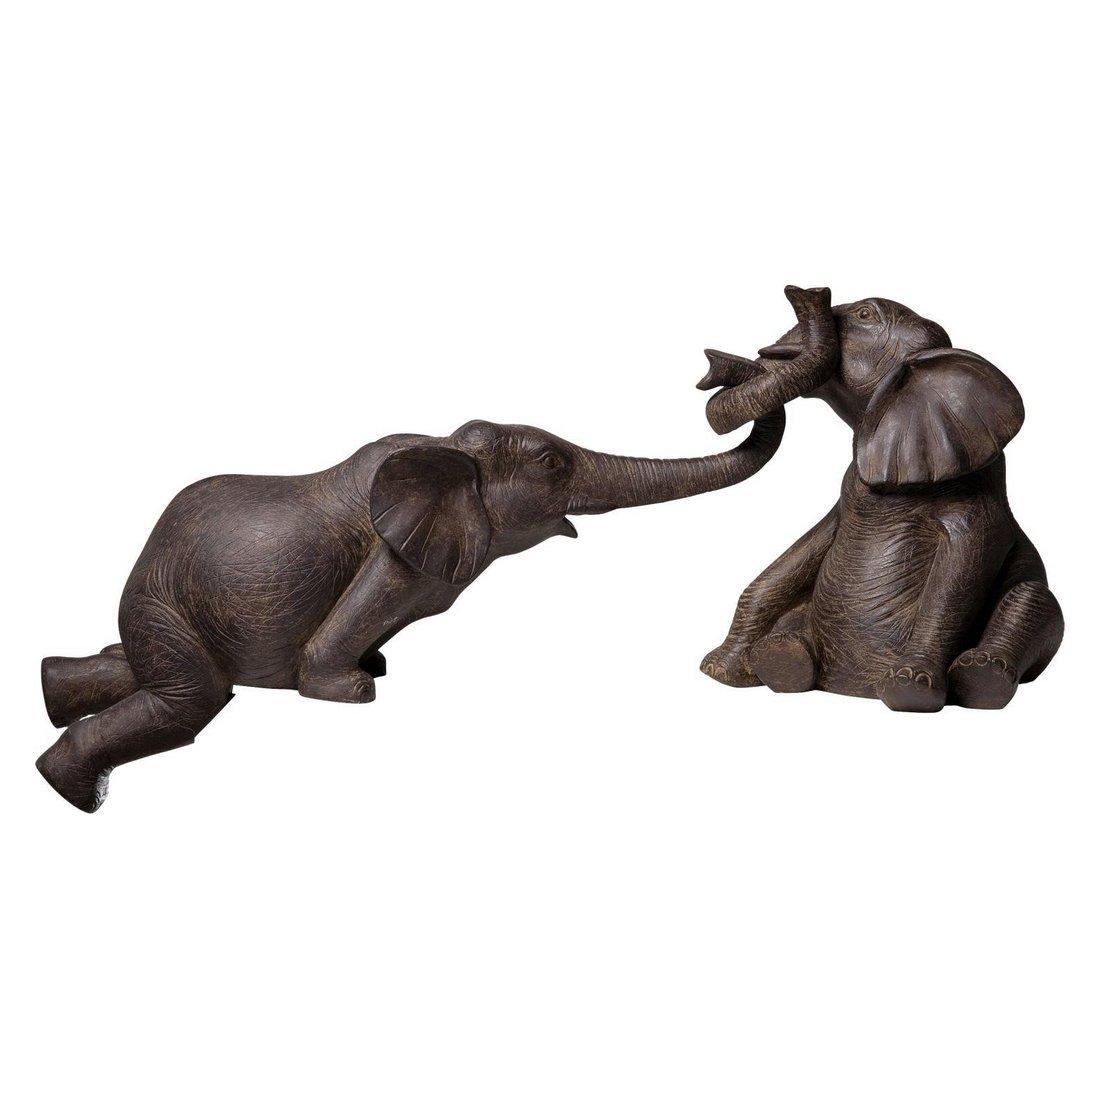 Kare 31370 Deko Figur Elefant Zirkus 2er Set    Bewertungen